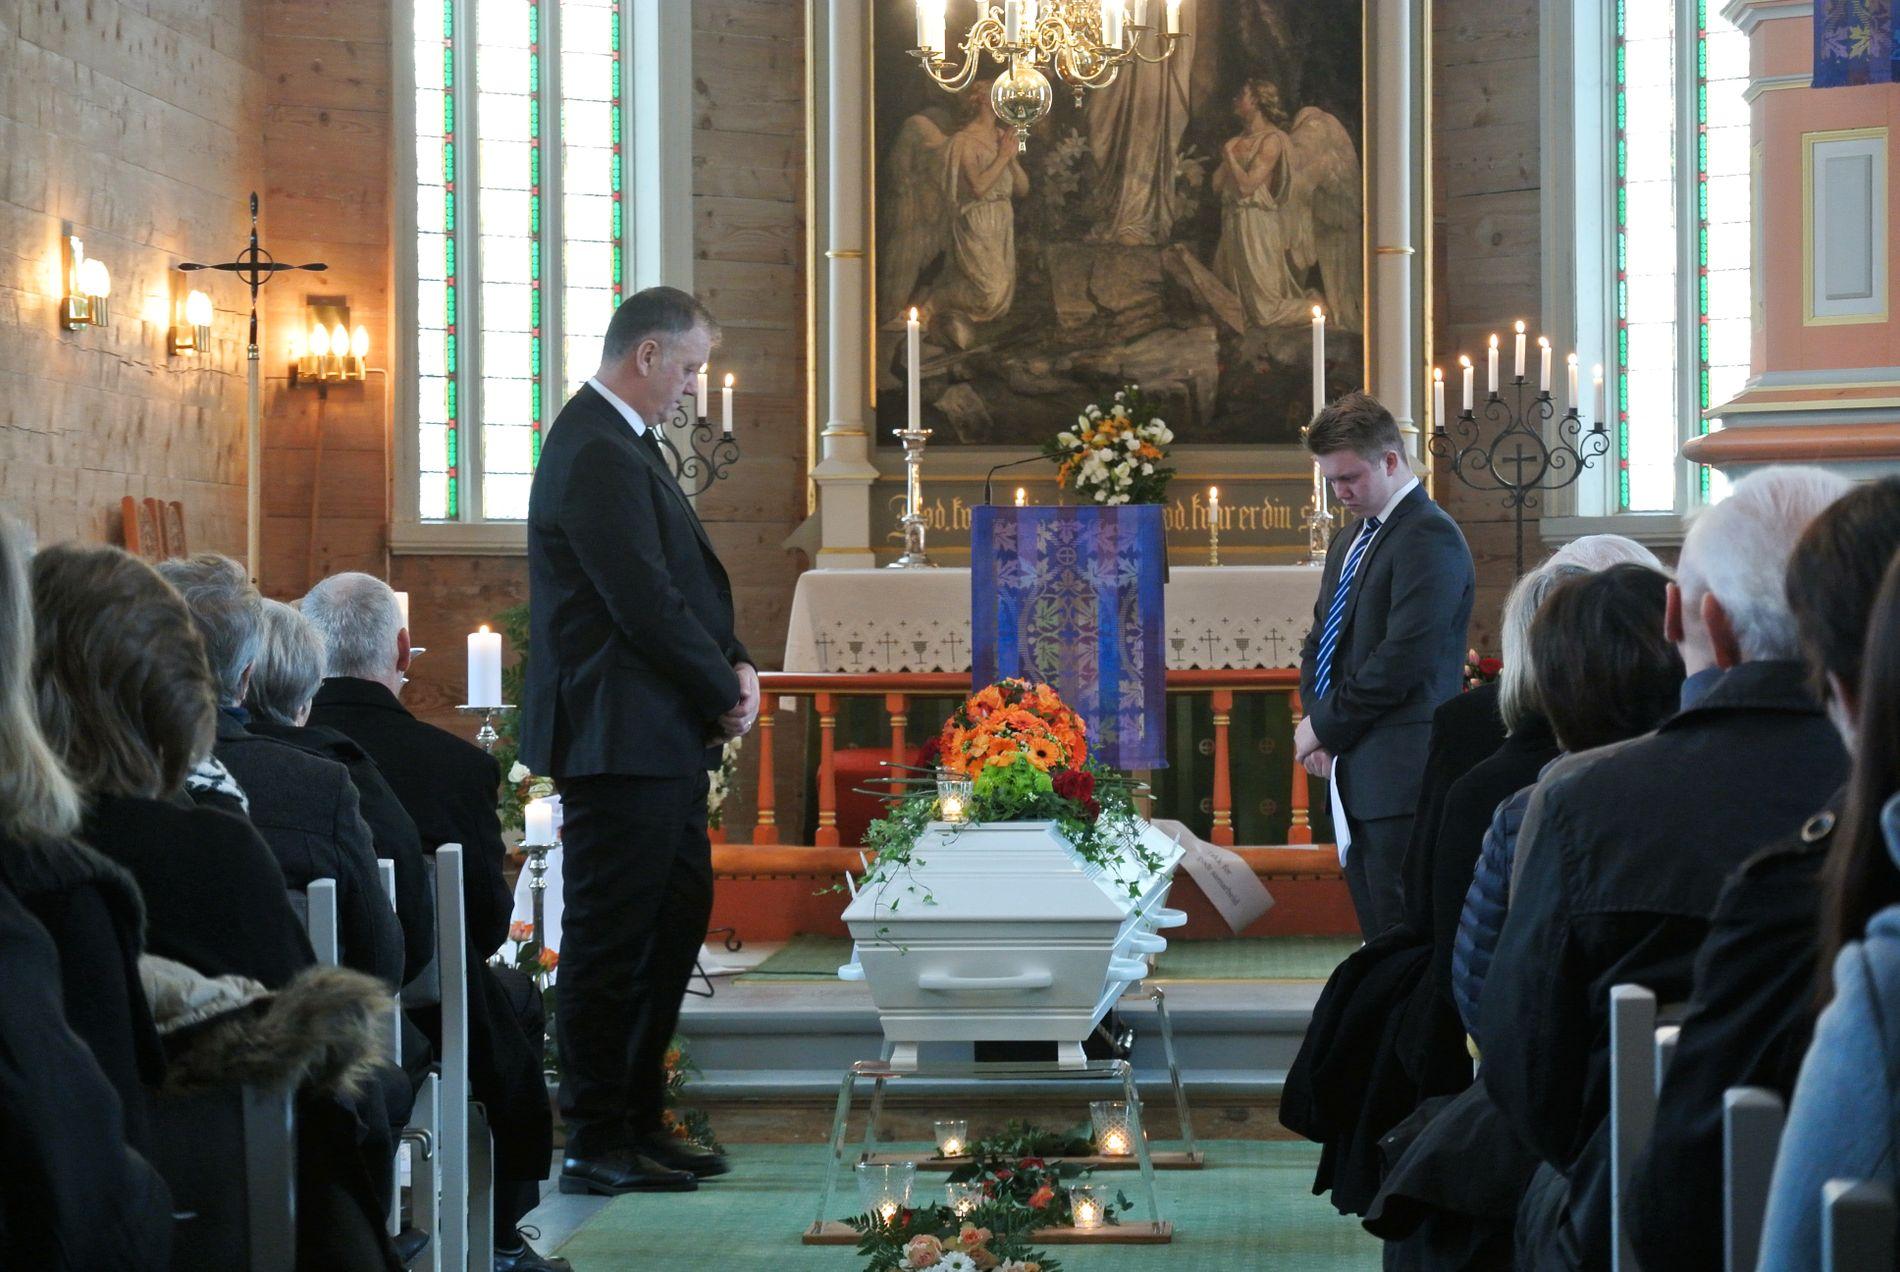 SISTE FARVEL: Ektemann Jostein og sonen Joakim la roser på kista til Kjersti Borlaug. Bisetjinga fant stad i Sæbø kyrkje 22. januar.